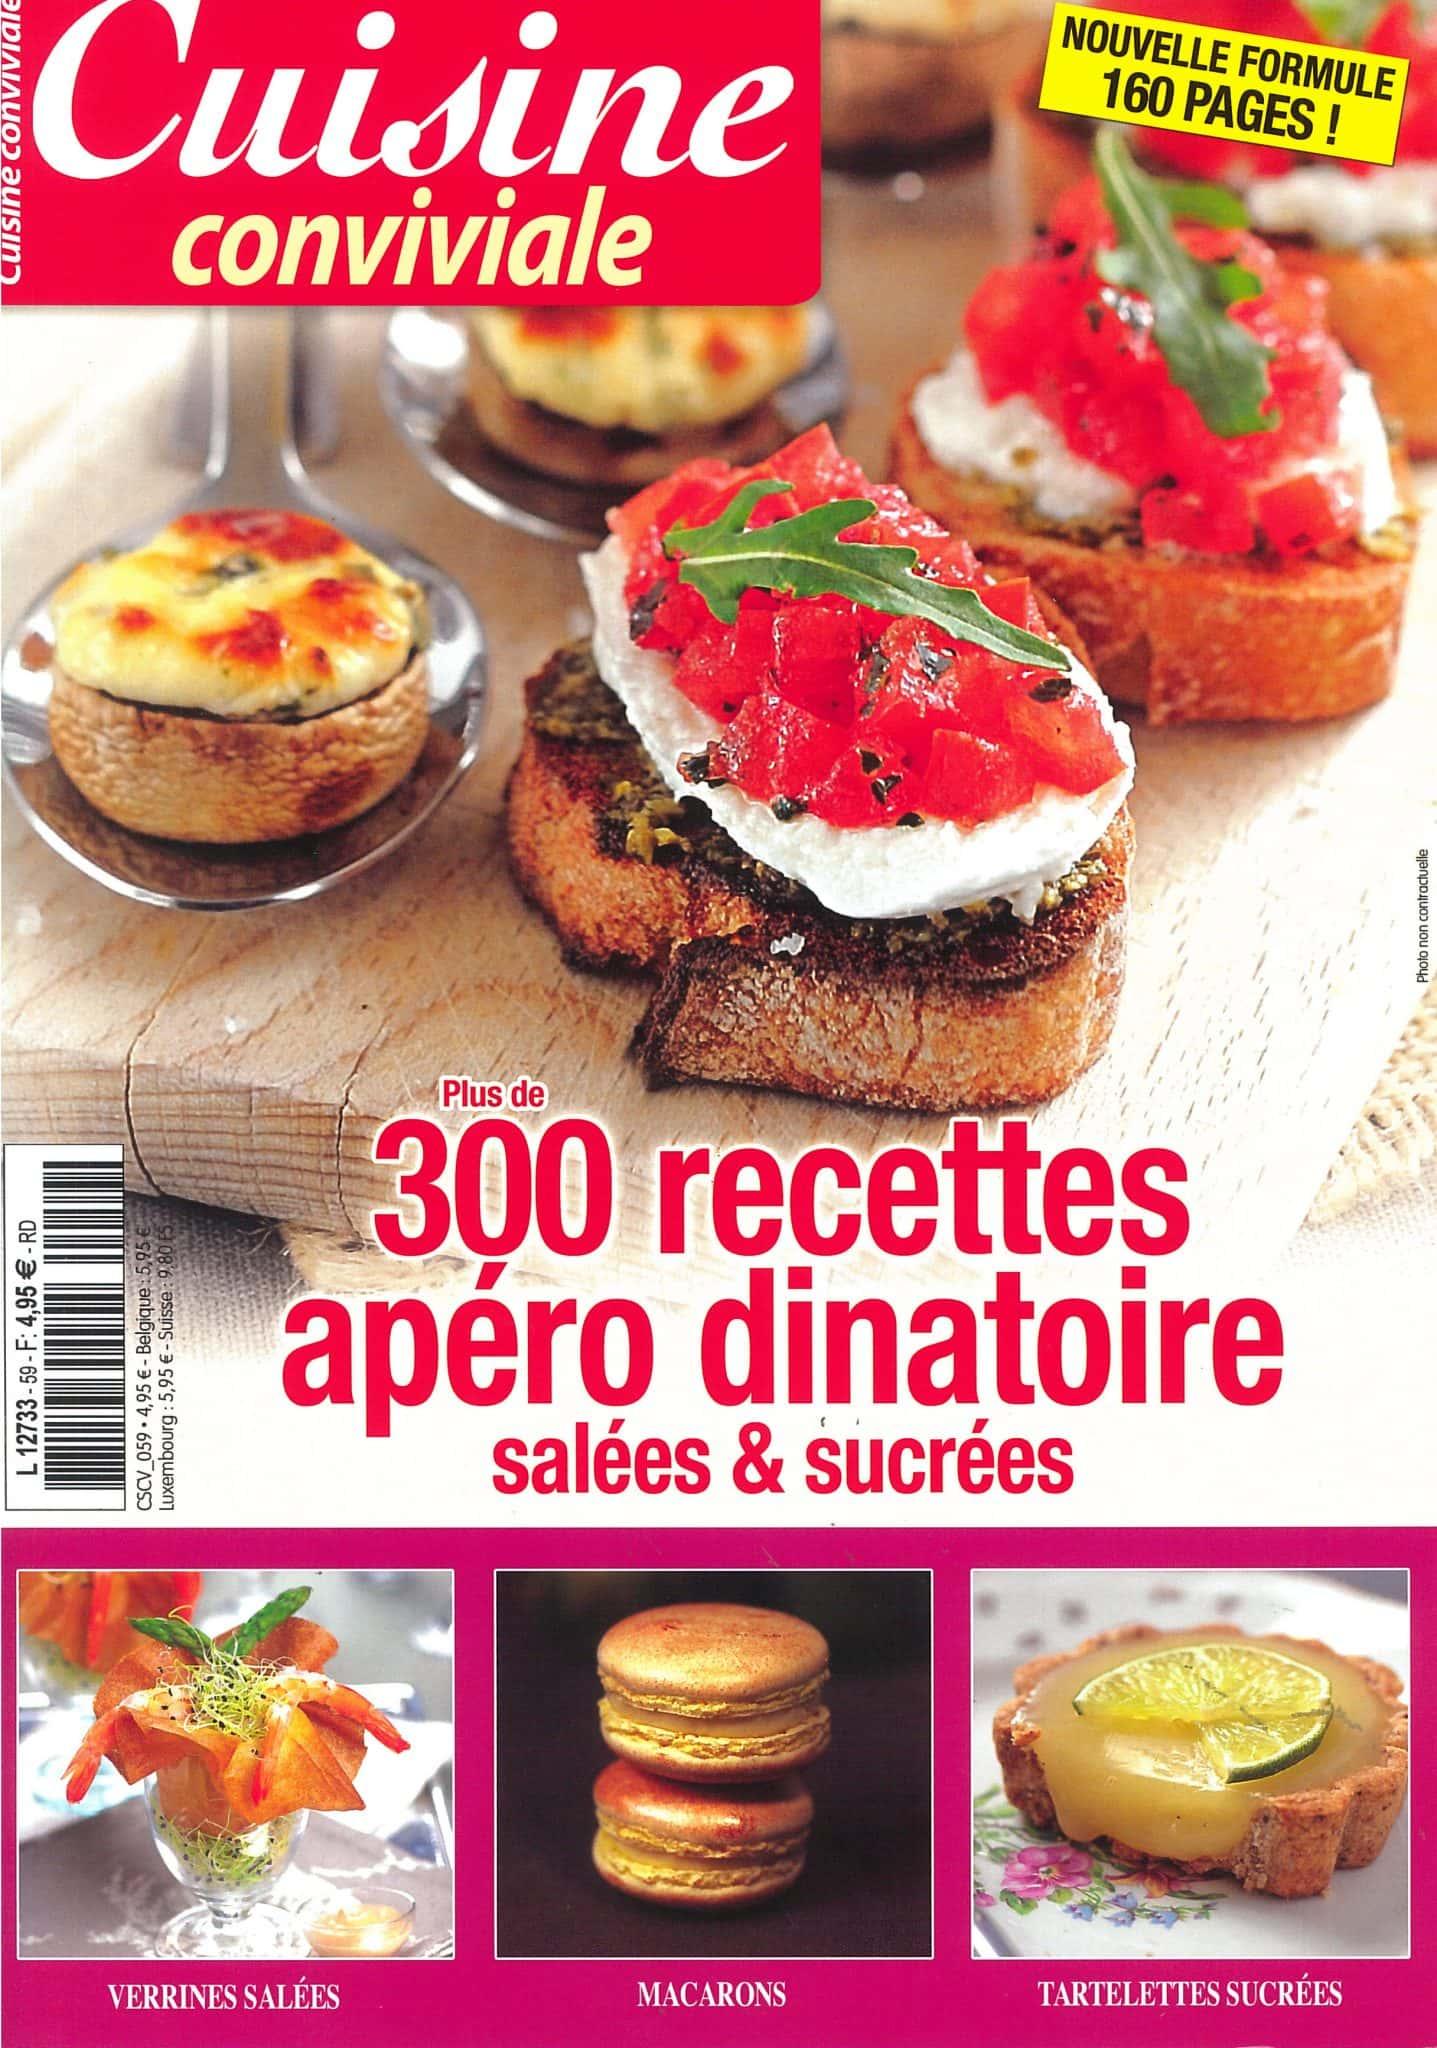 ap ro chic avec le foie gras le blog du foie gras. Black Bedroom Furniture Sets. Home Design Ideas